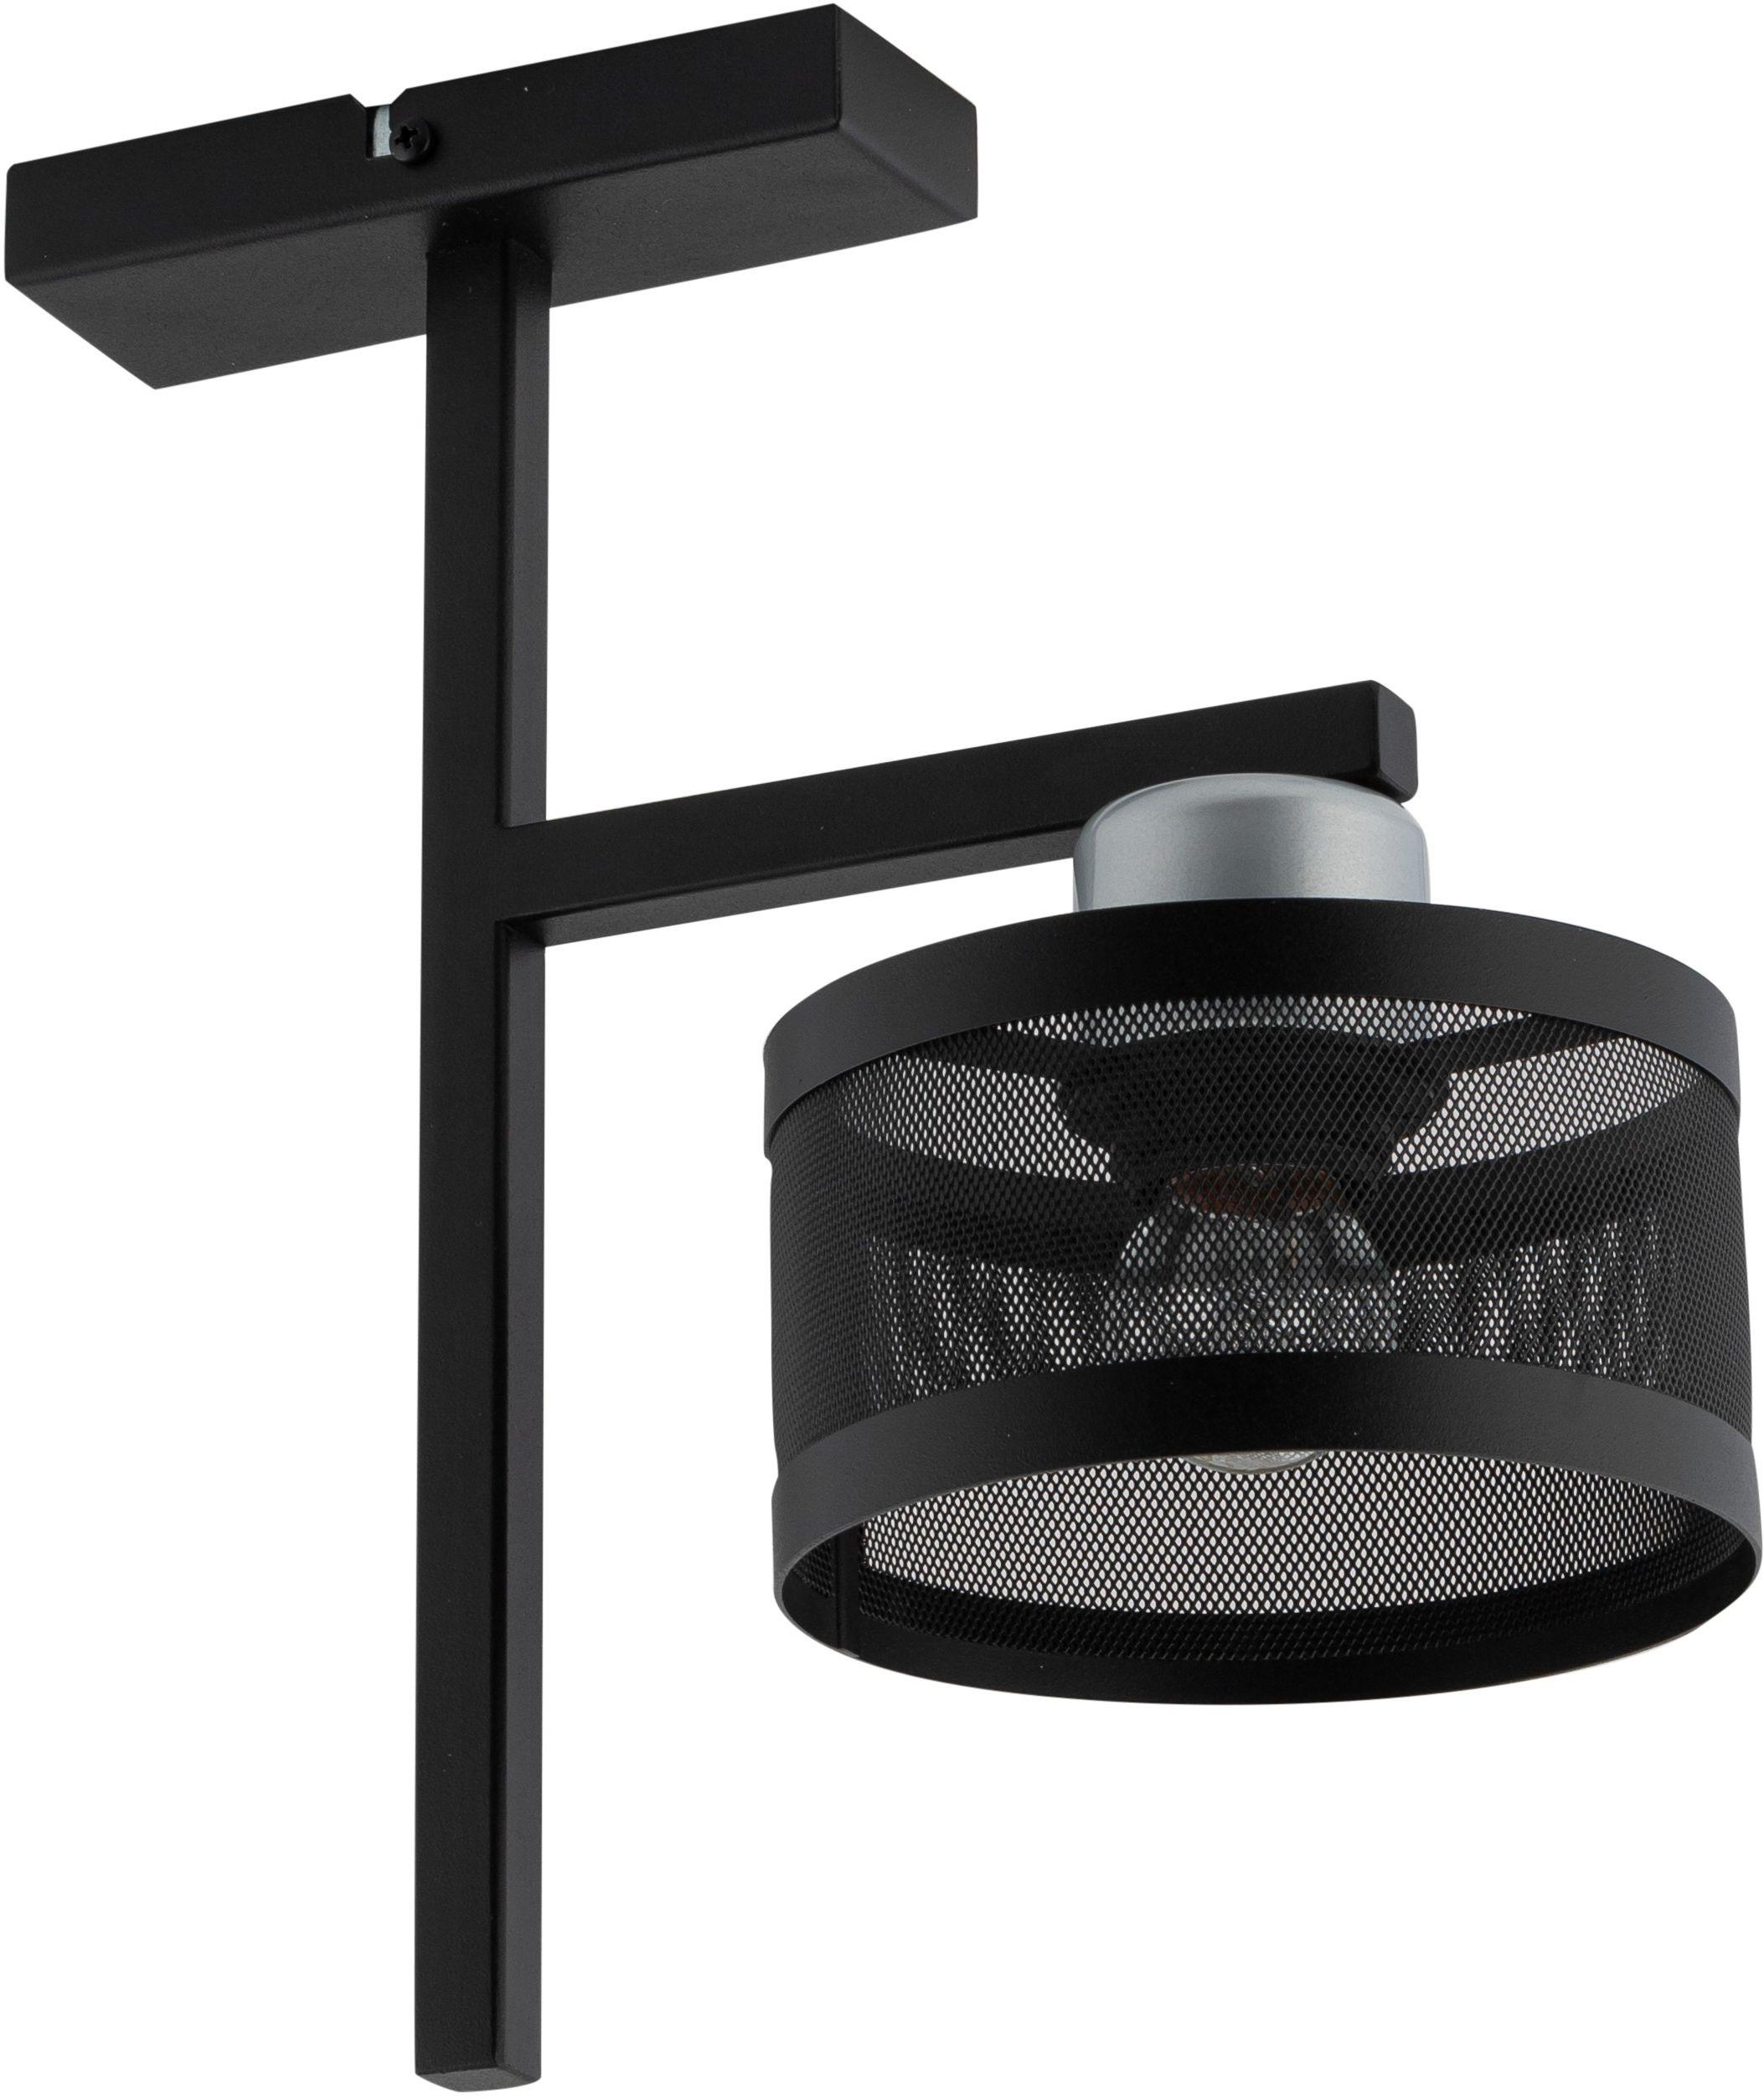 Lampa sufitowa metalowa Off 1 punktowa czarno srebrna 32142 - Sigma Do -17% rabatu w koszyku i darmowa dostawa od 299zł !